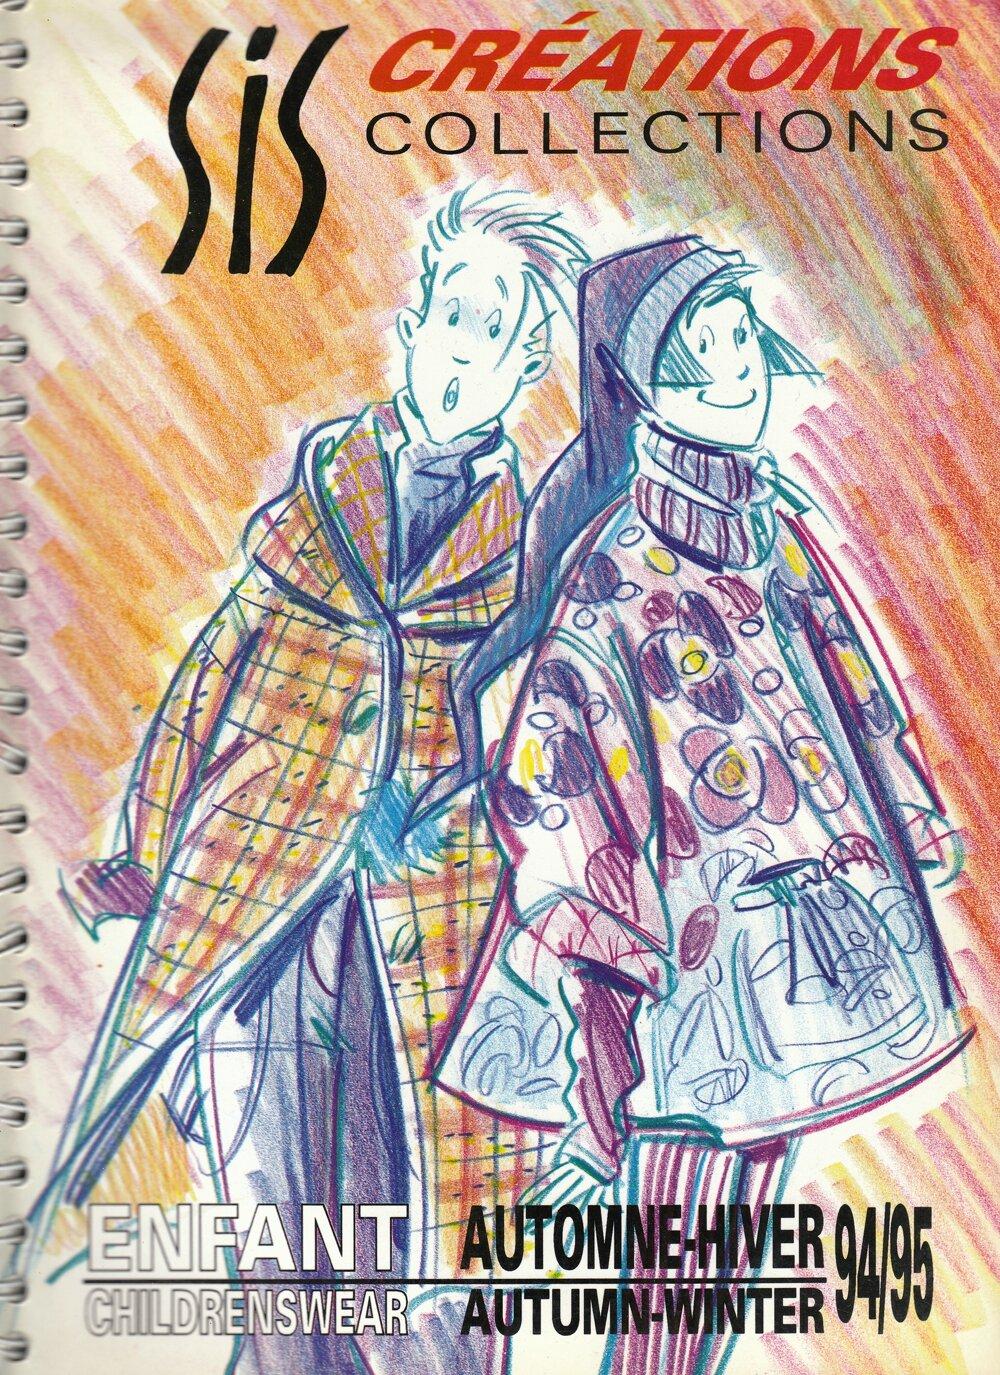 collections enfants automne-hiver 94-95